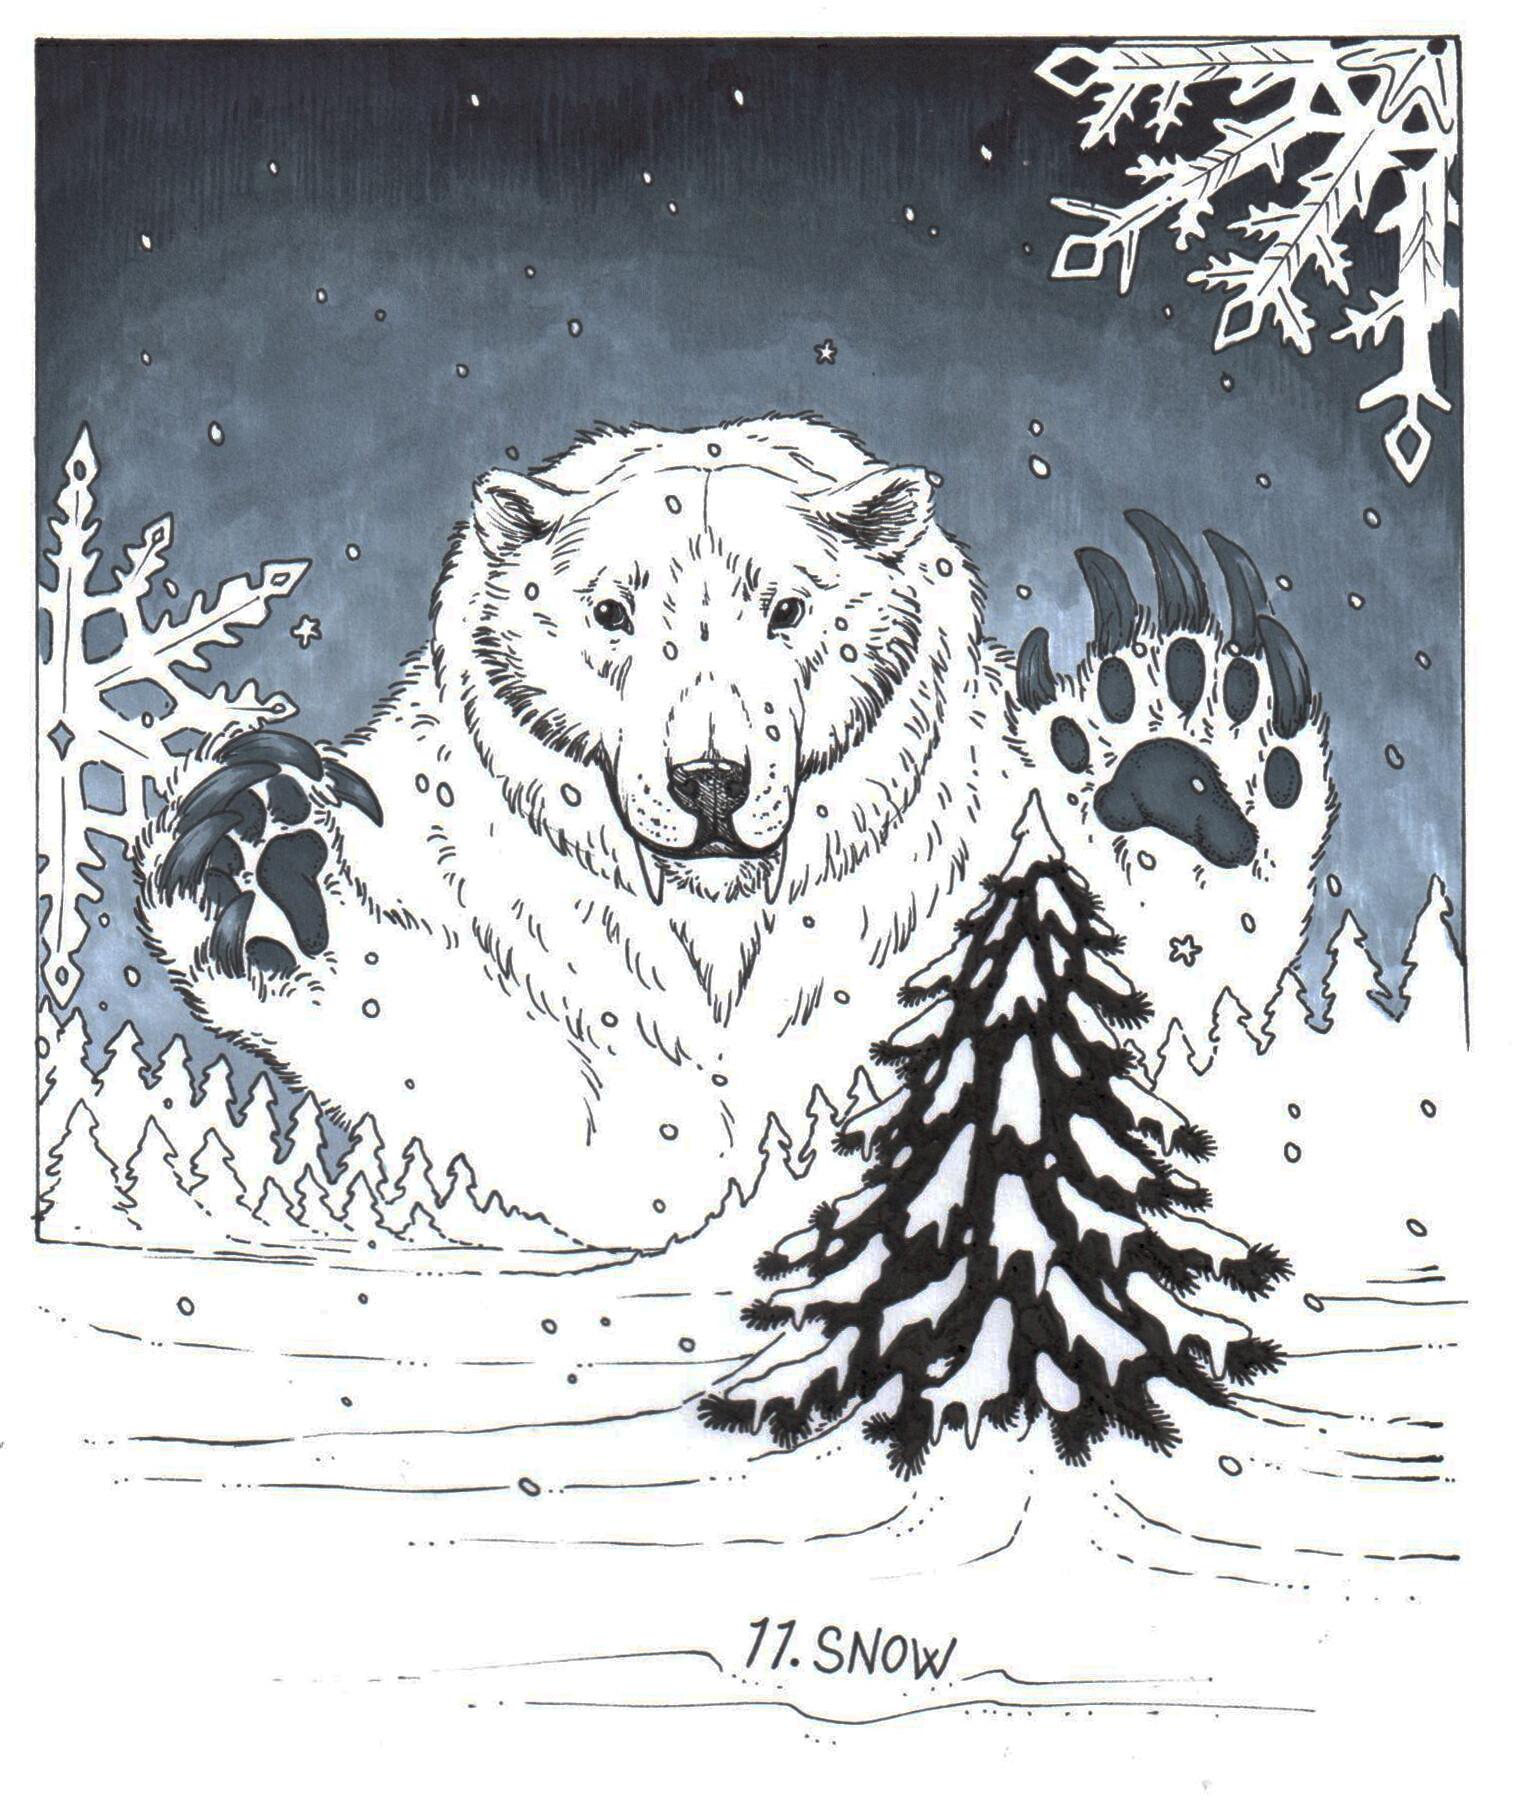 Meagen ruttan 11 snow